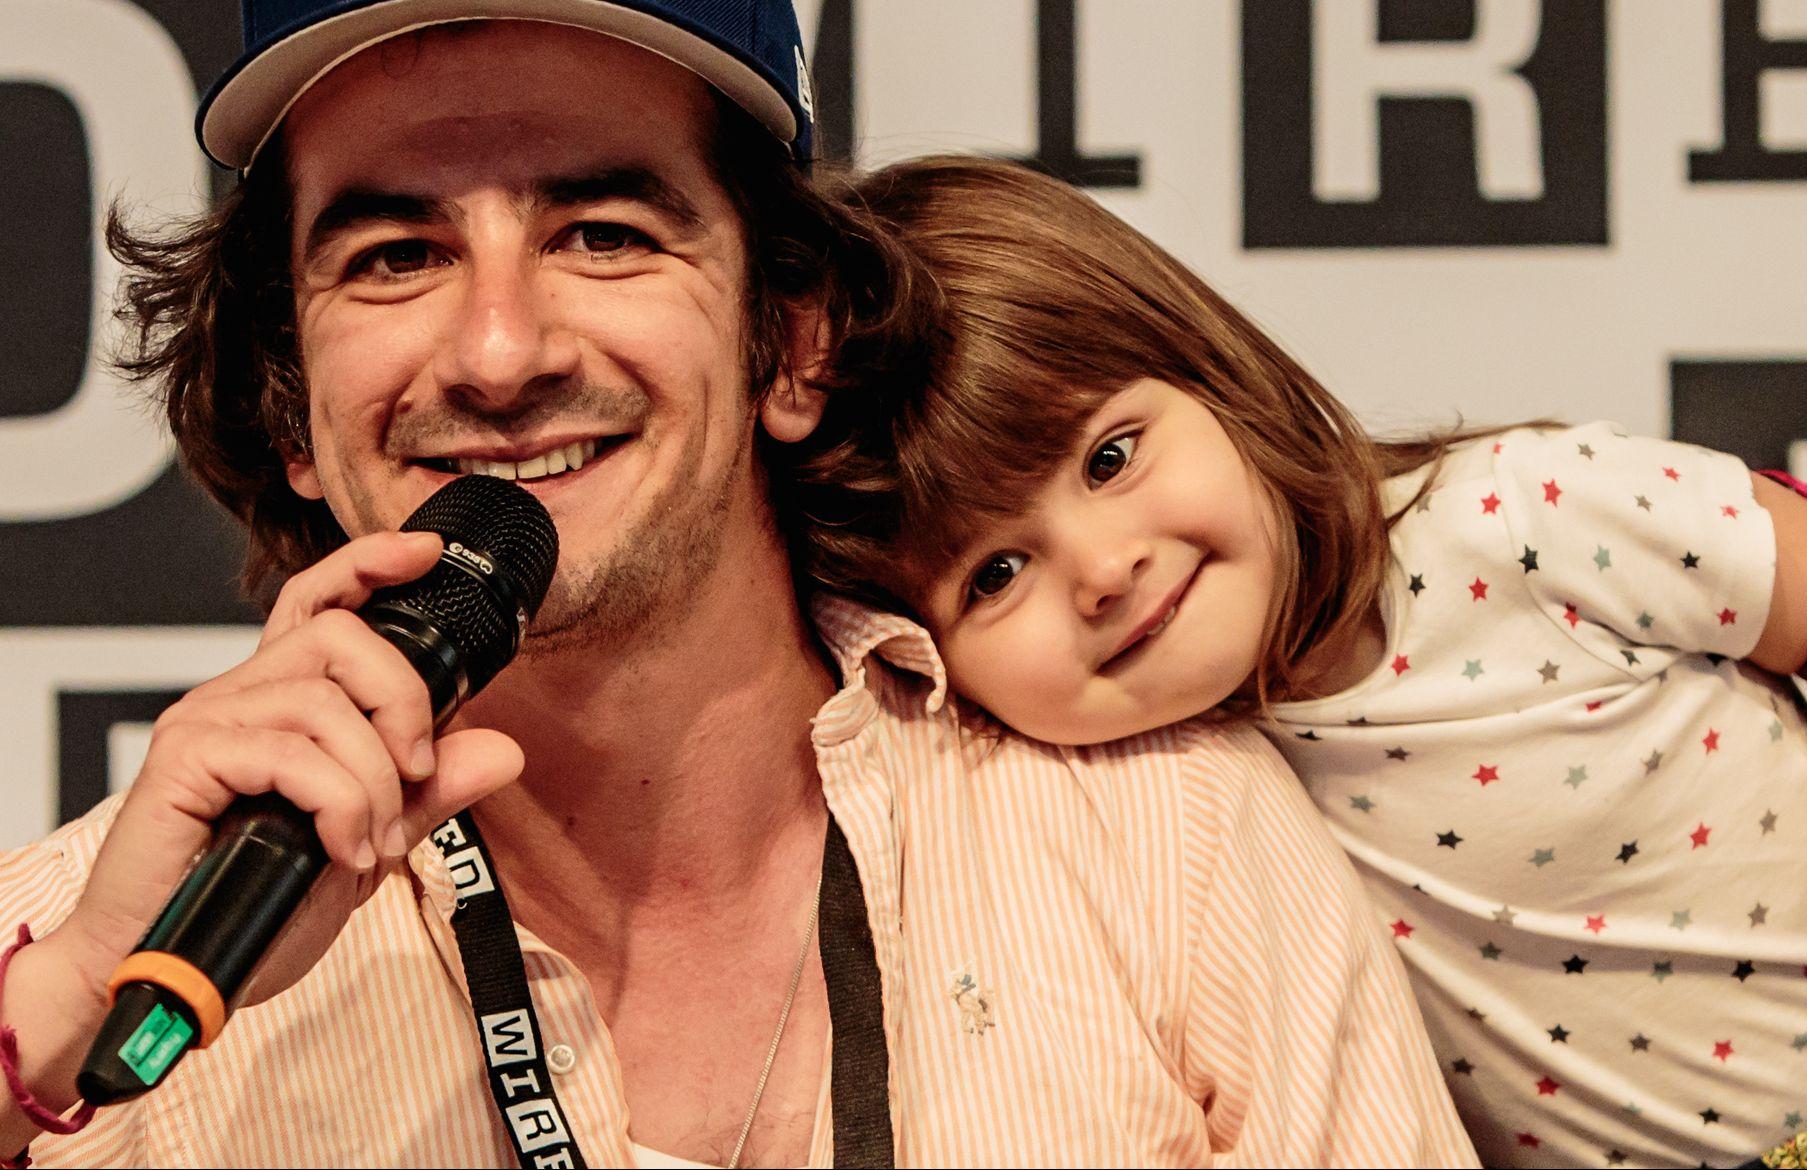 Io, Francesco Mandelli, papà con i superpoteri